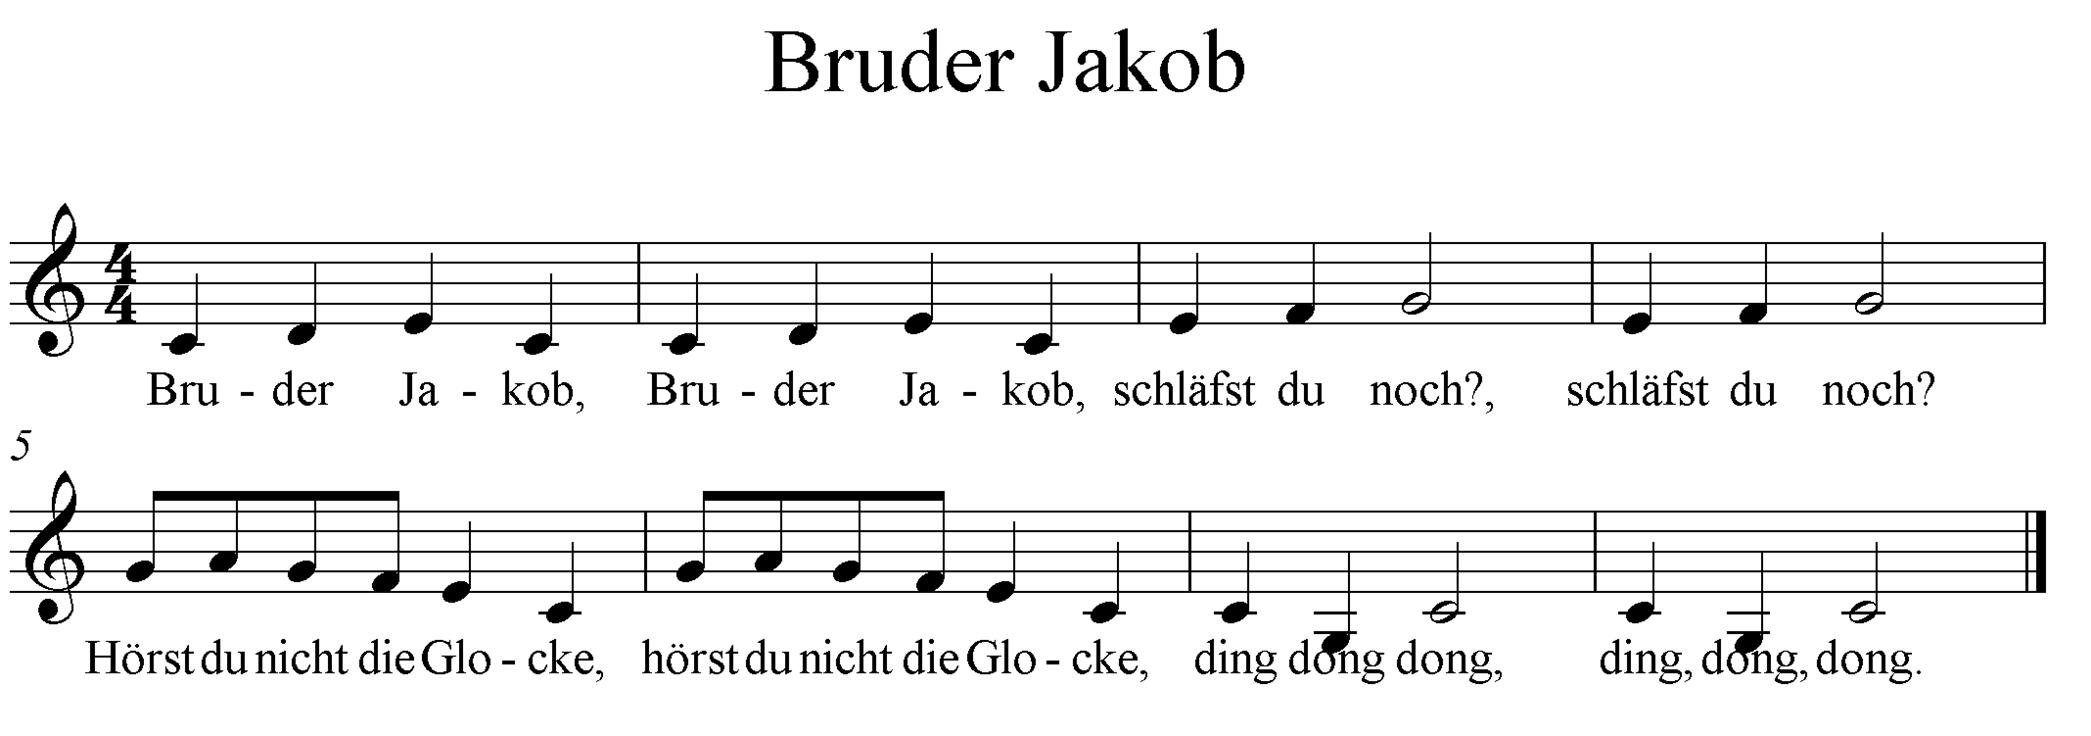 Bruder Jakob verwandt mit Bruder Jakob In Allen Sprachen